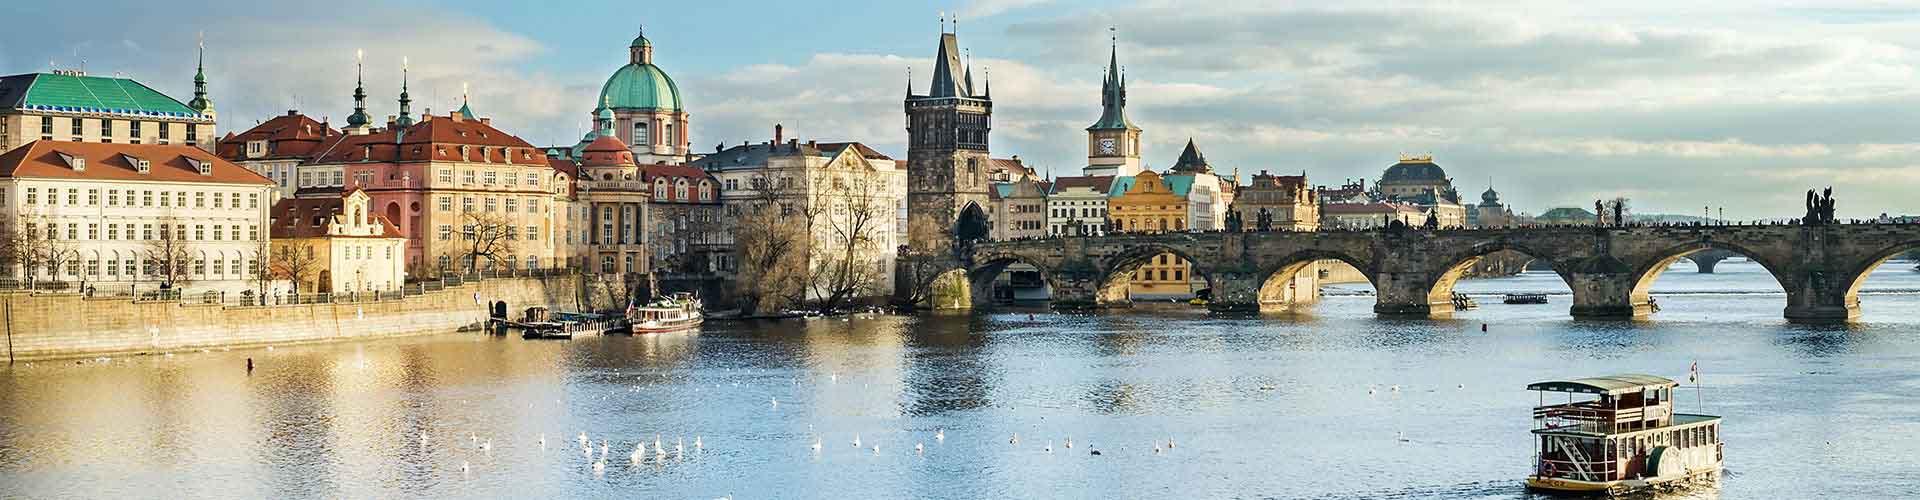 프라하 - Prague 1지역에 위치한 아파트. 프라하의 지도, 프라하에 위치한 아파트에 대한 사진 및 리뷰.